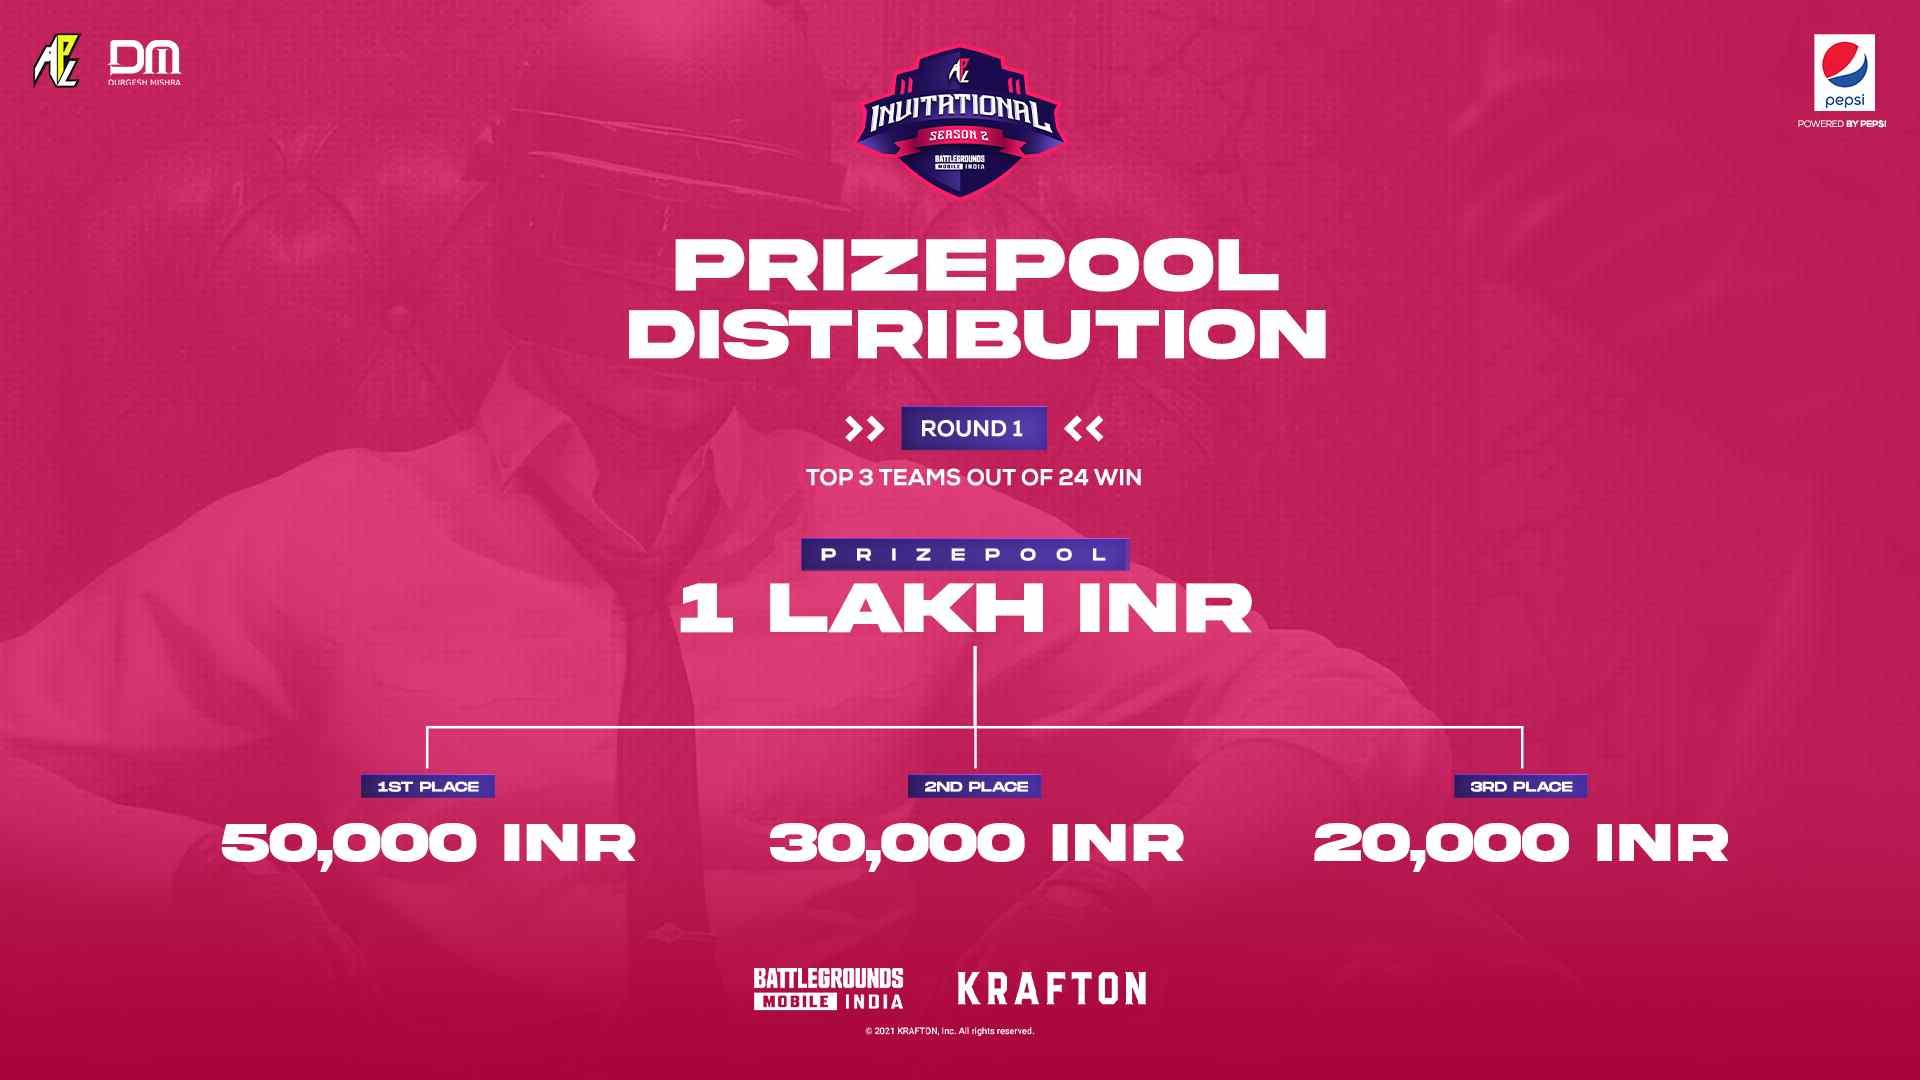 Round-1 Prizepool Distribution